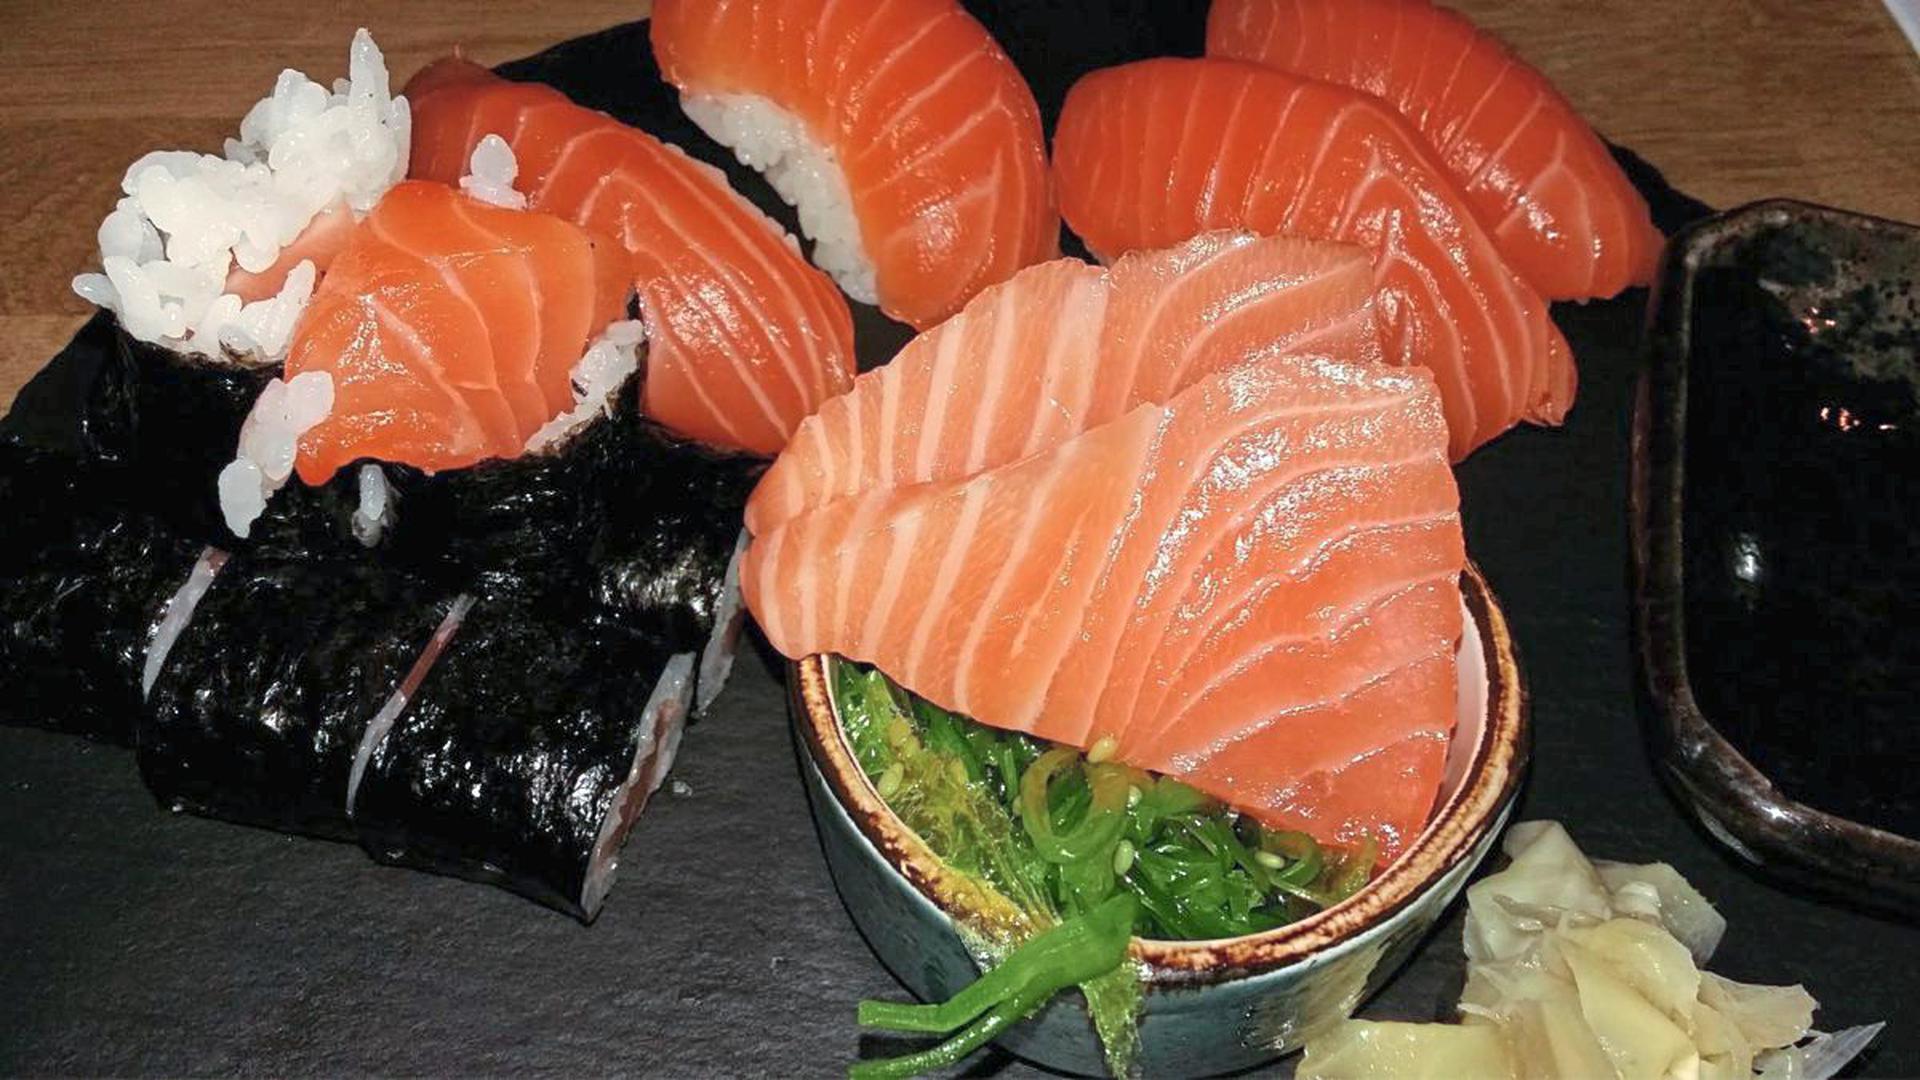 Sushi ist einfach lecker. In Karlsruhe gibt es Top-Adressen für Sushi.